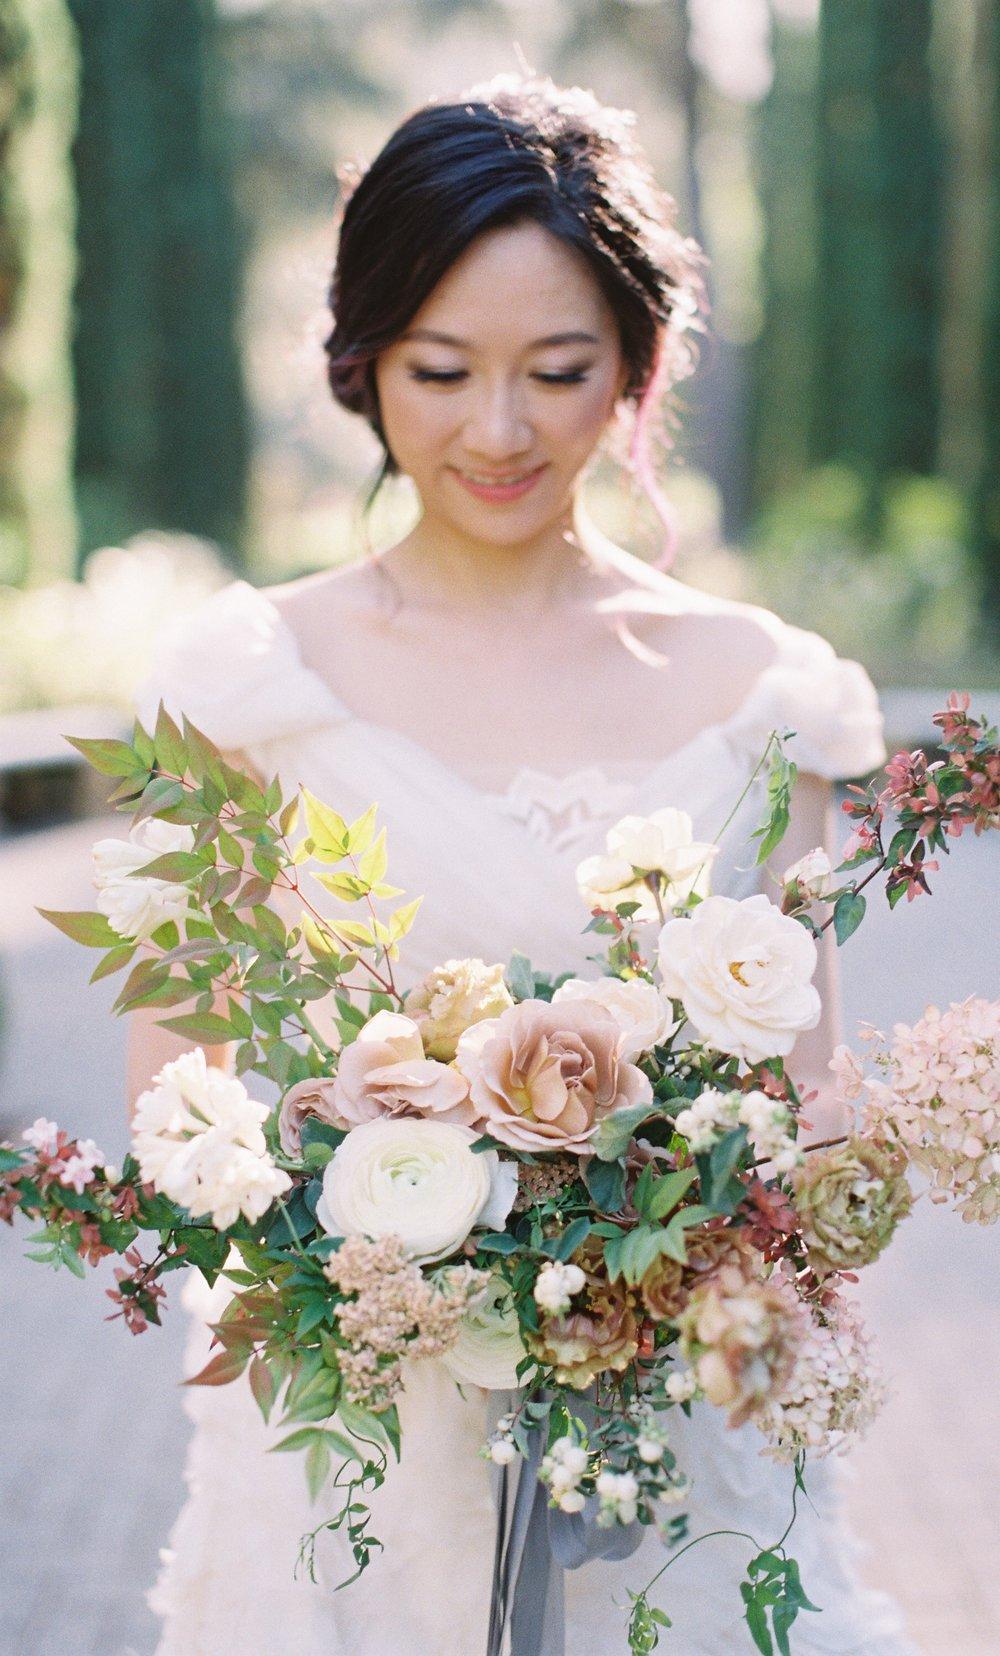 JC-HiRes-78-Jen-Huang-JC-102-Jen_Huang-009463-R2-004.jpg